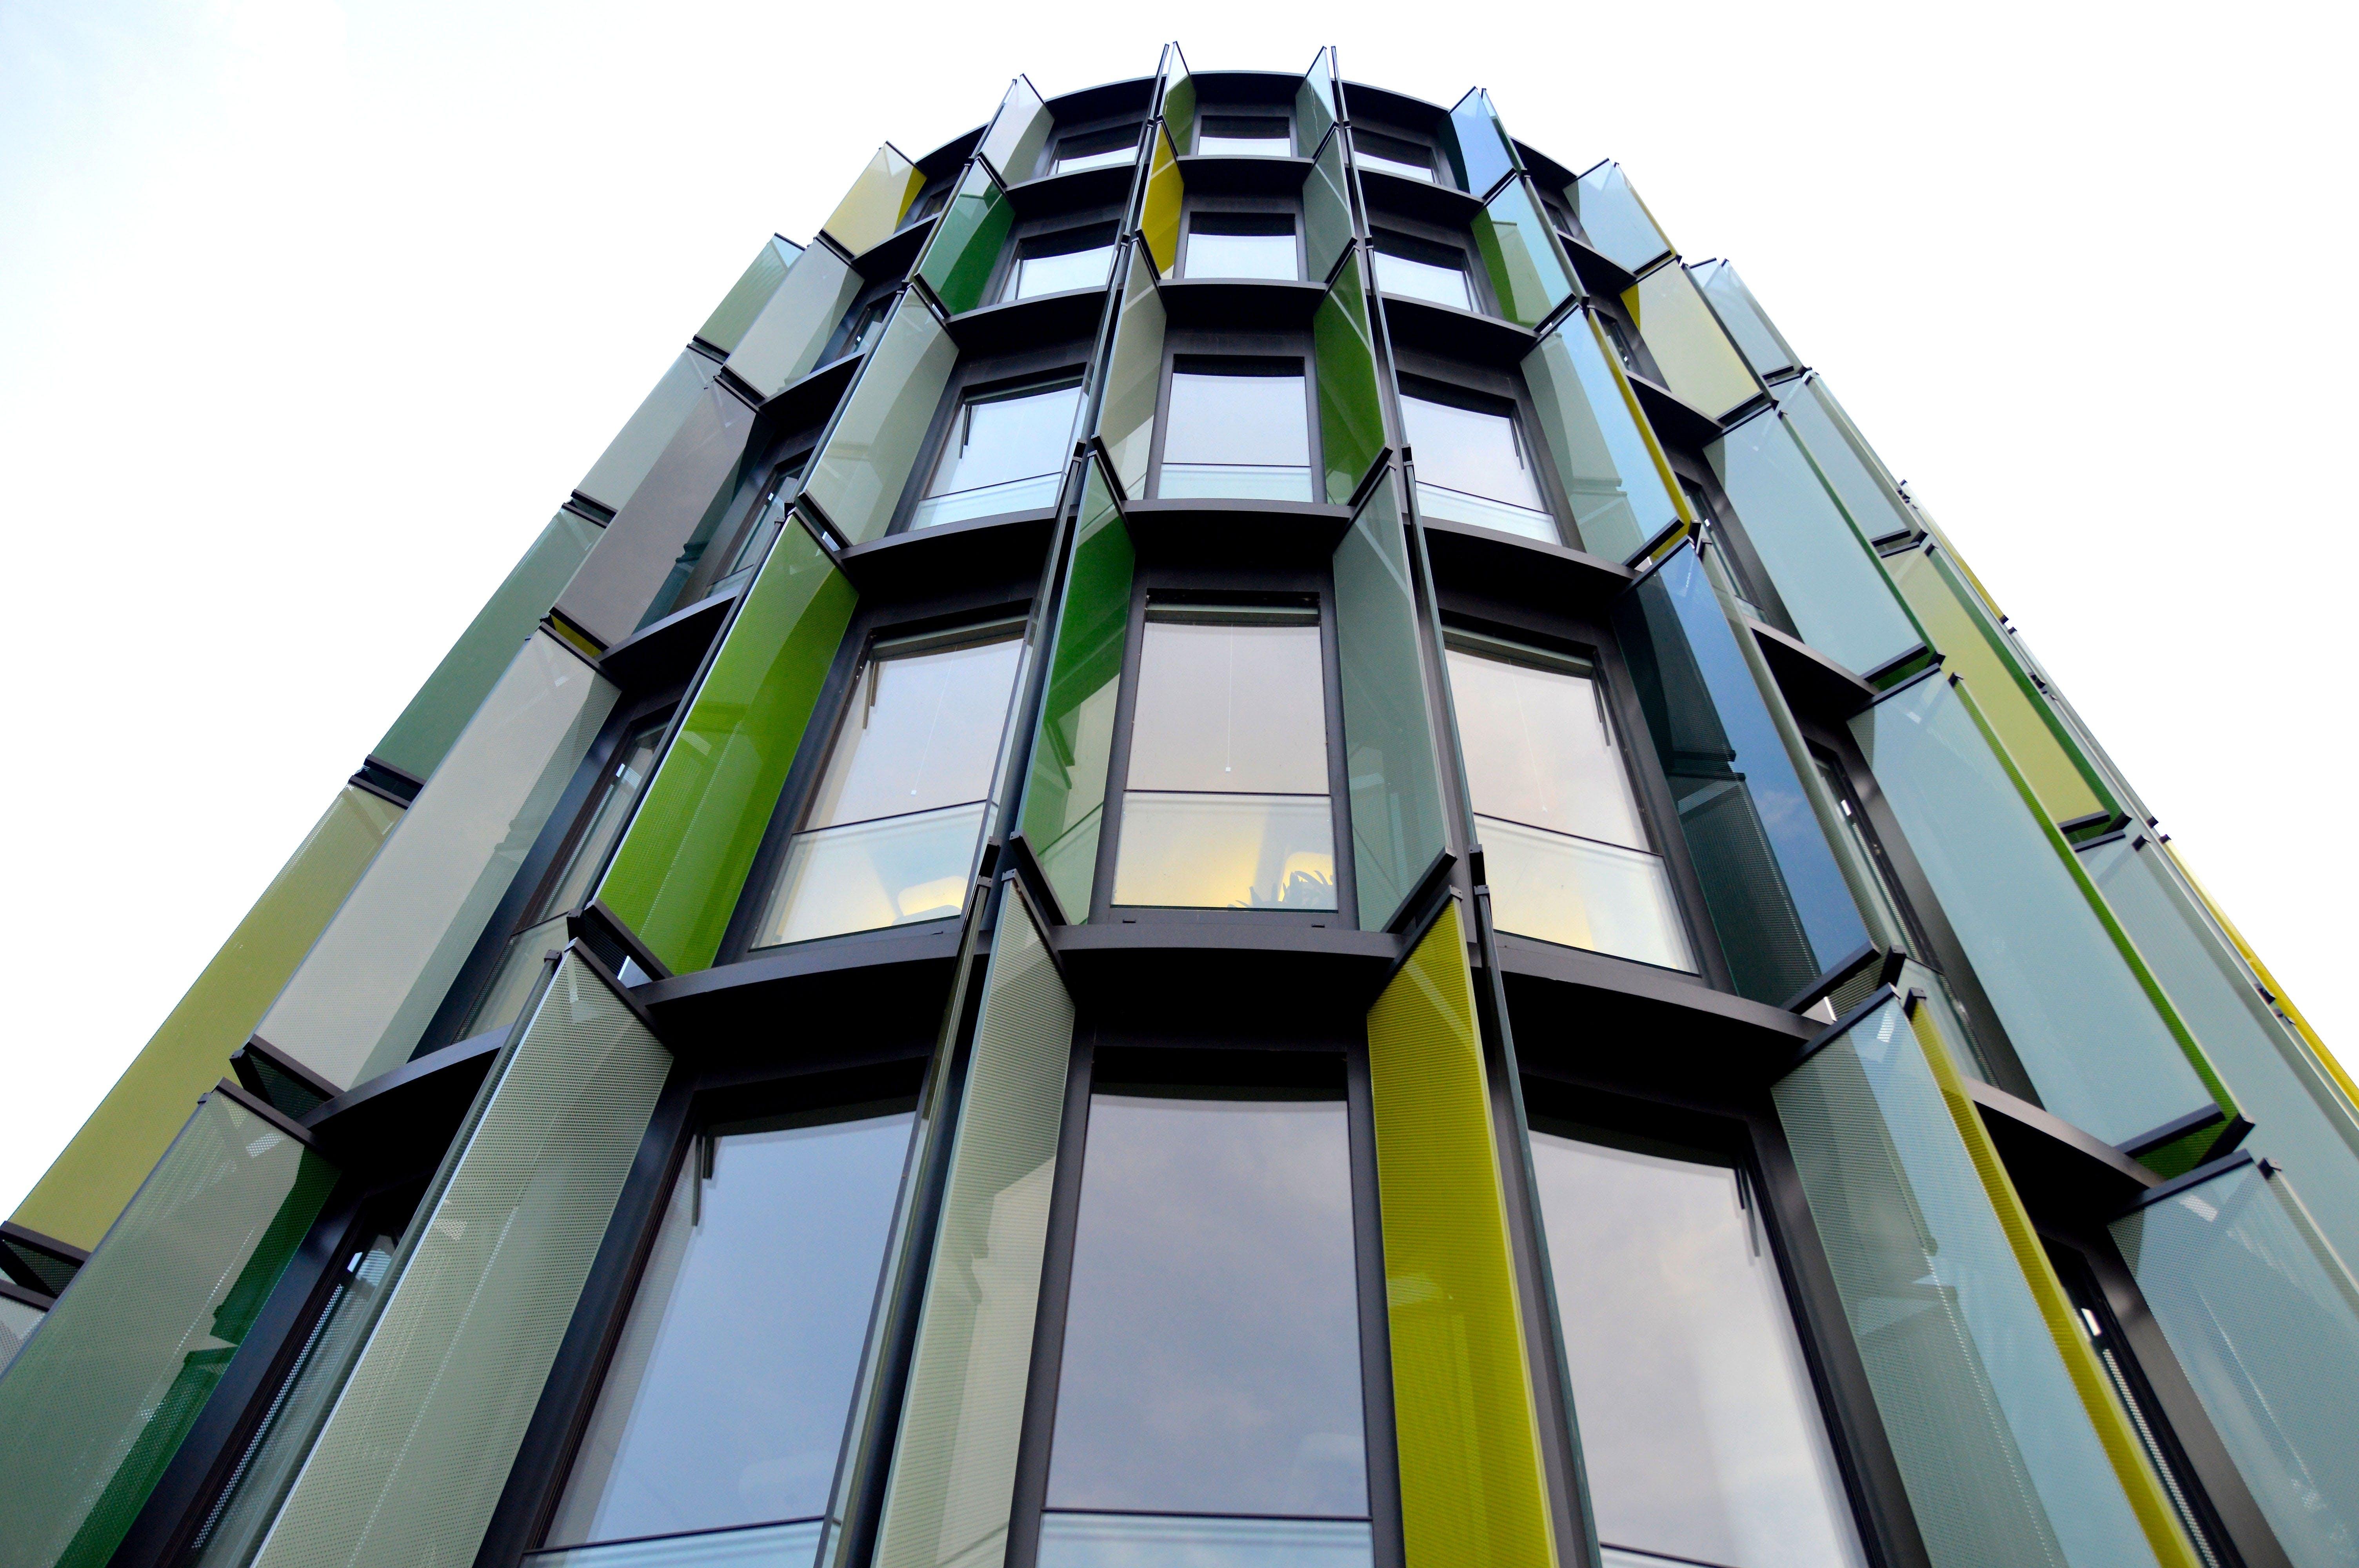 Gratis arkivbilde med arkitektur, bygning, glass, høyblokk